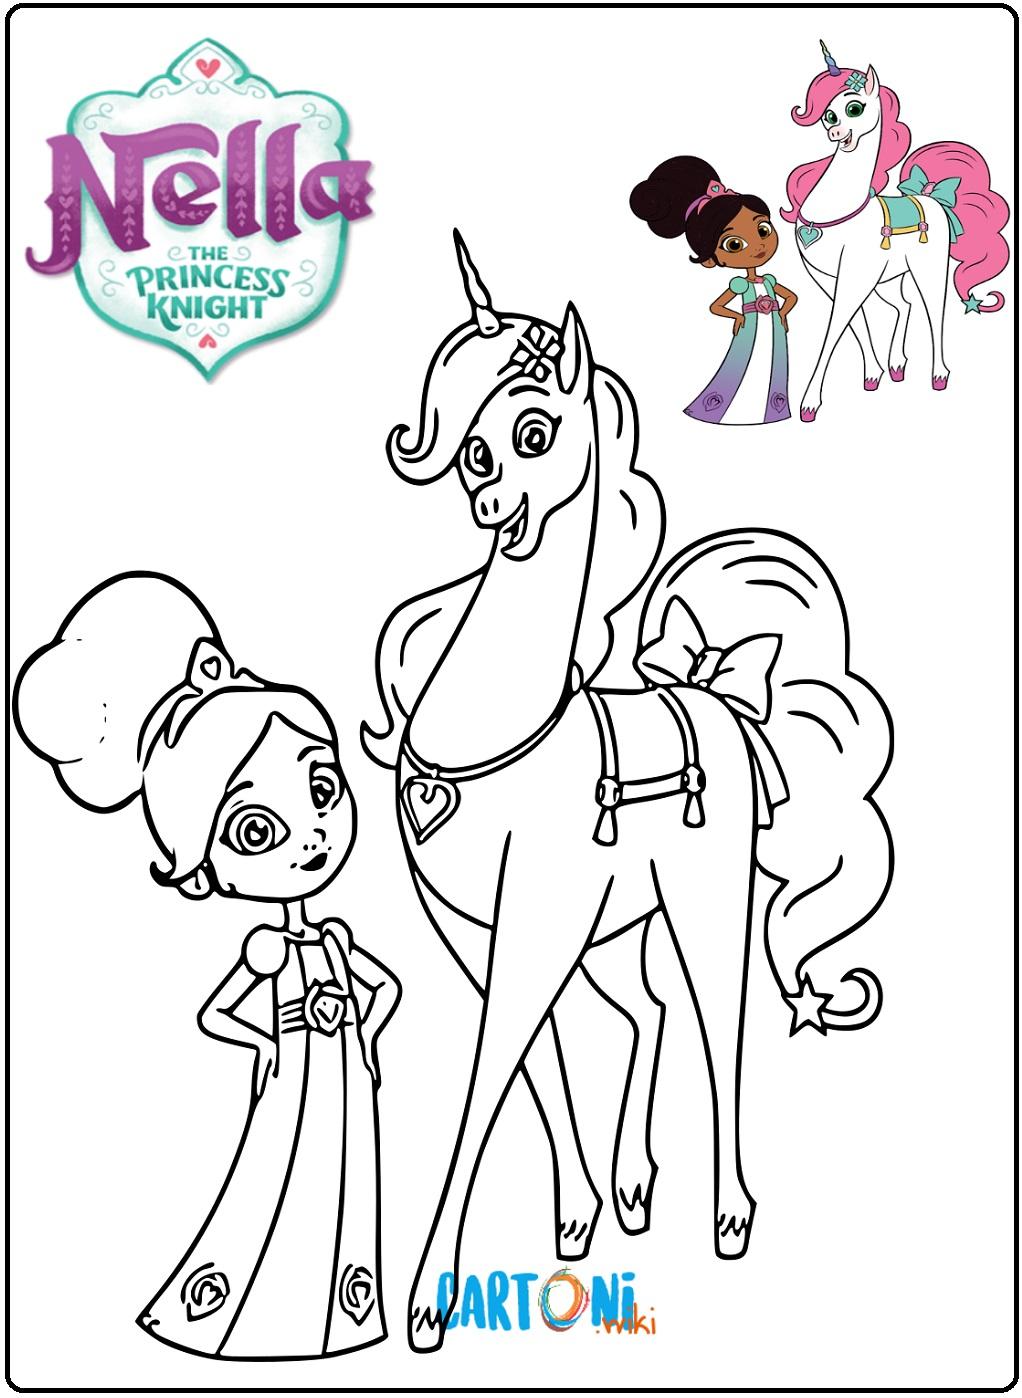 Colora Nella la principessa coraggiosa - Cartoni animati